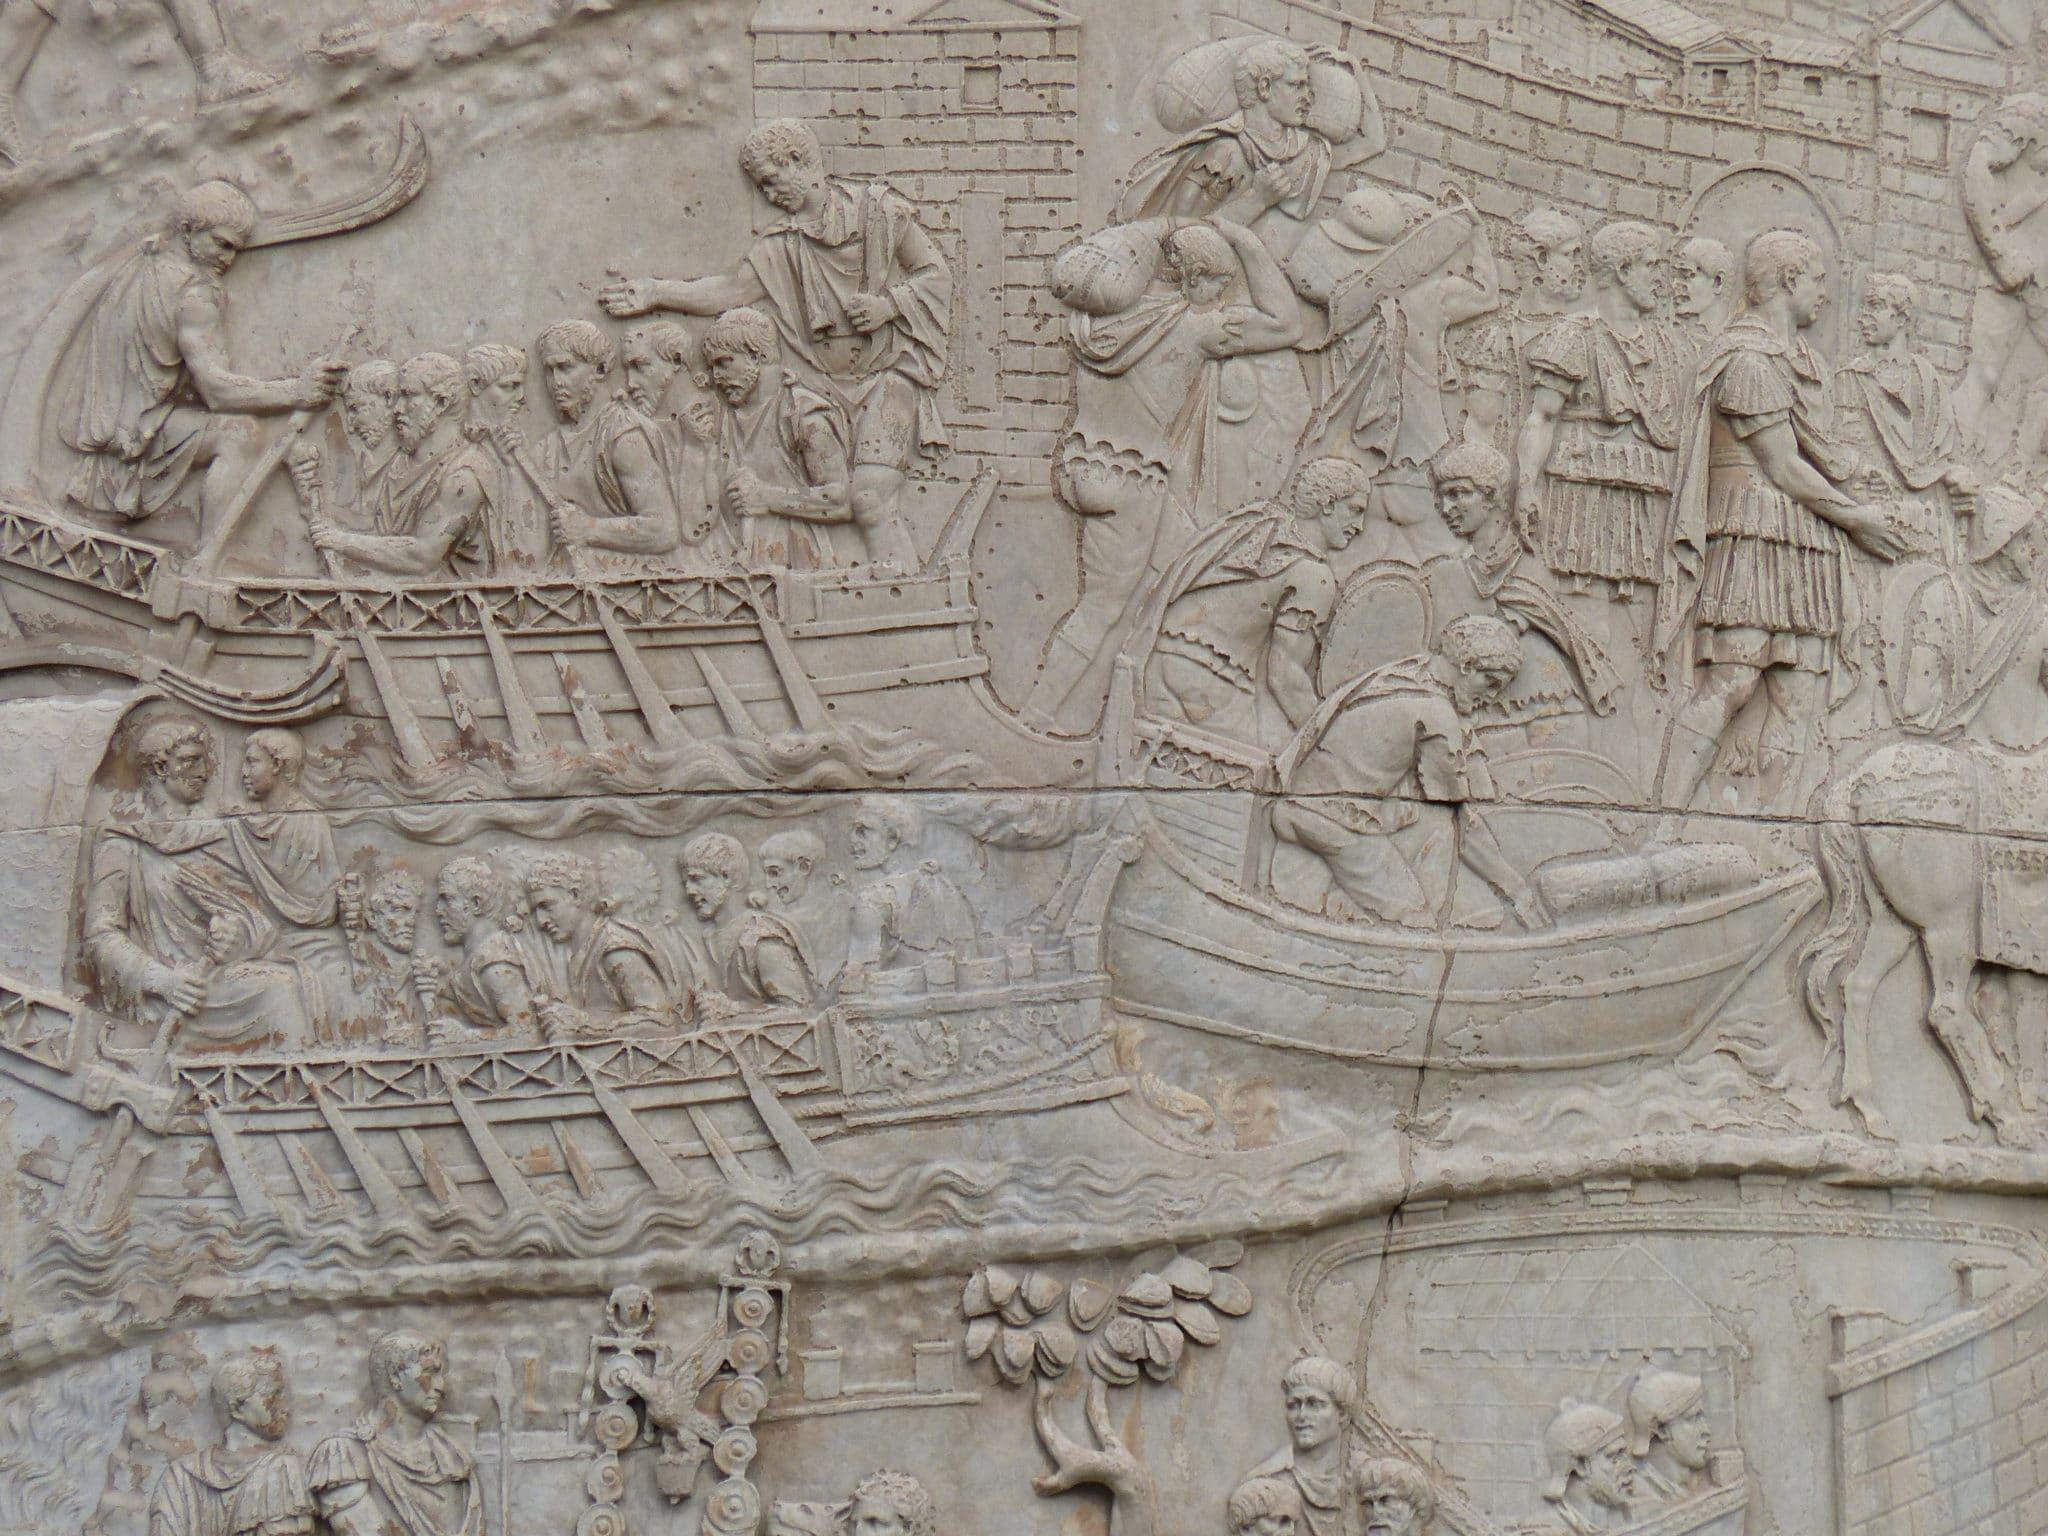 detalles trajano emperador